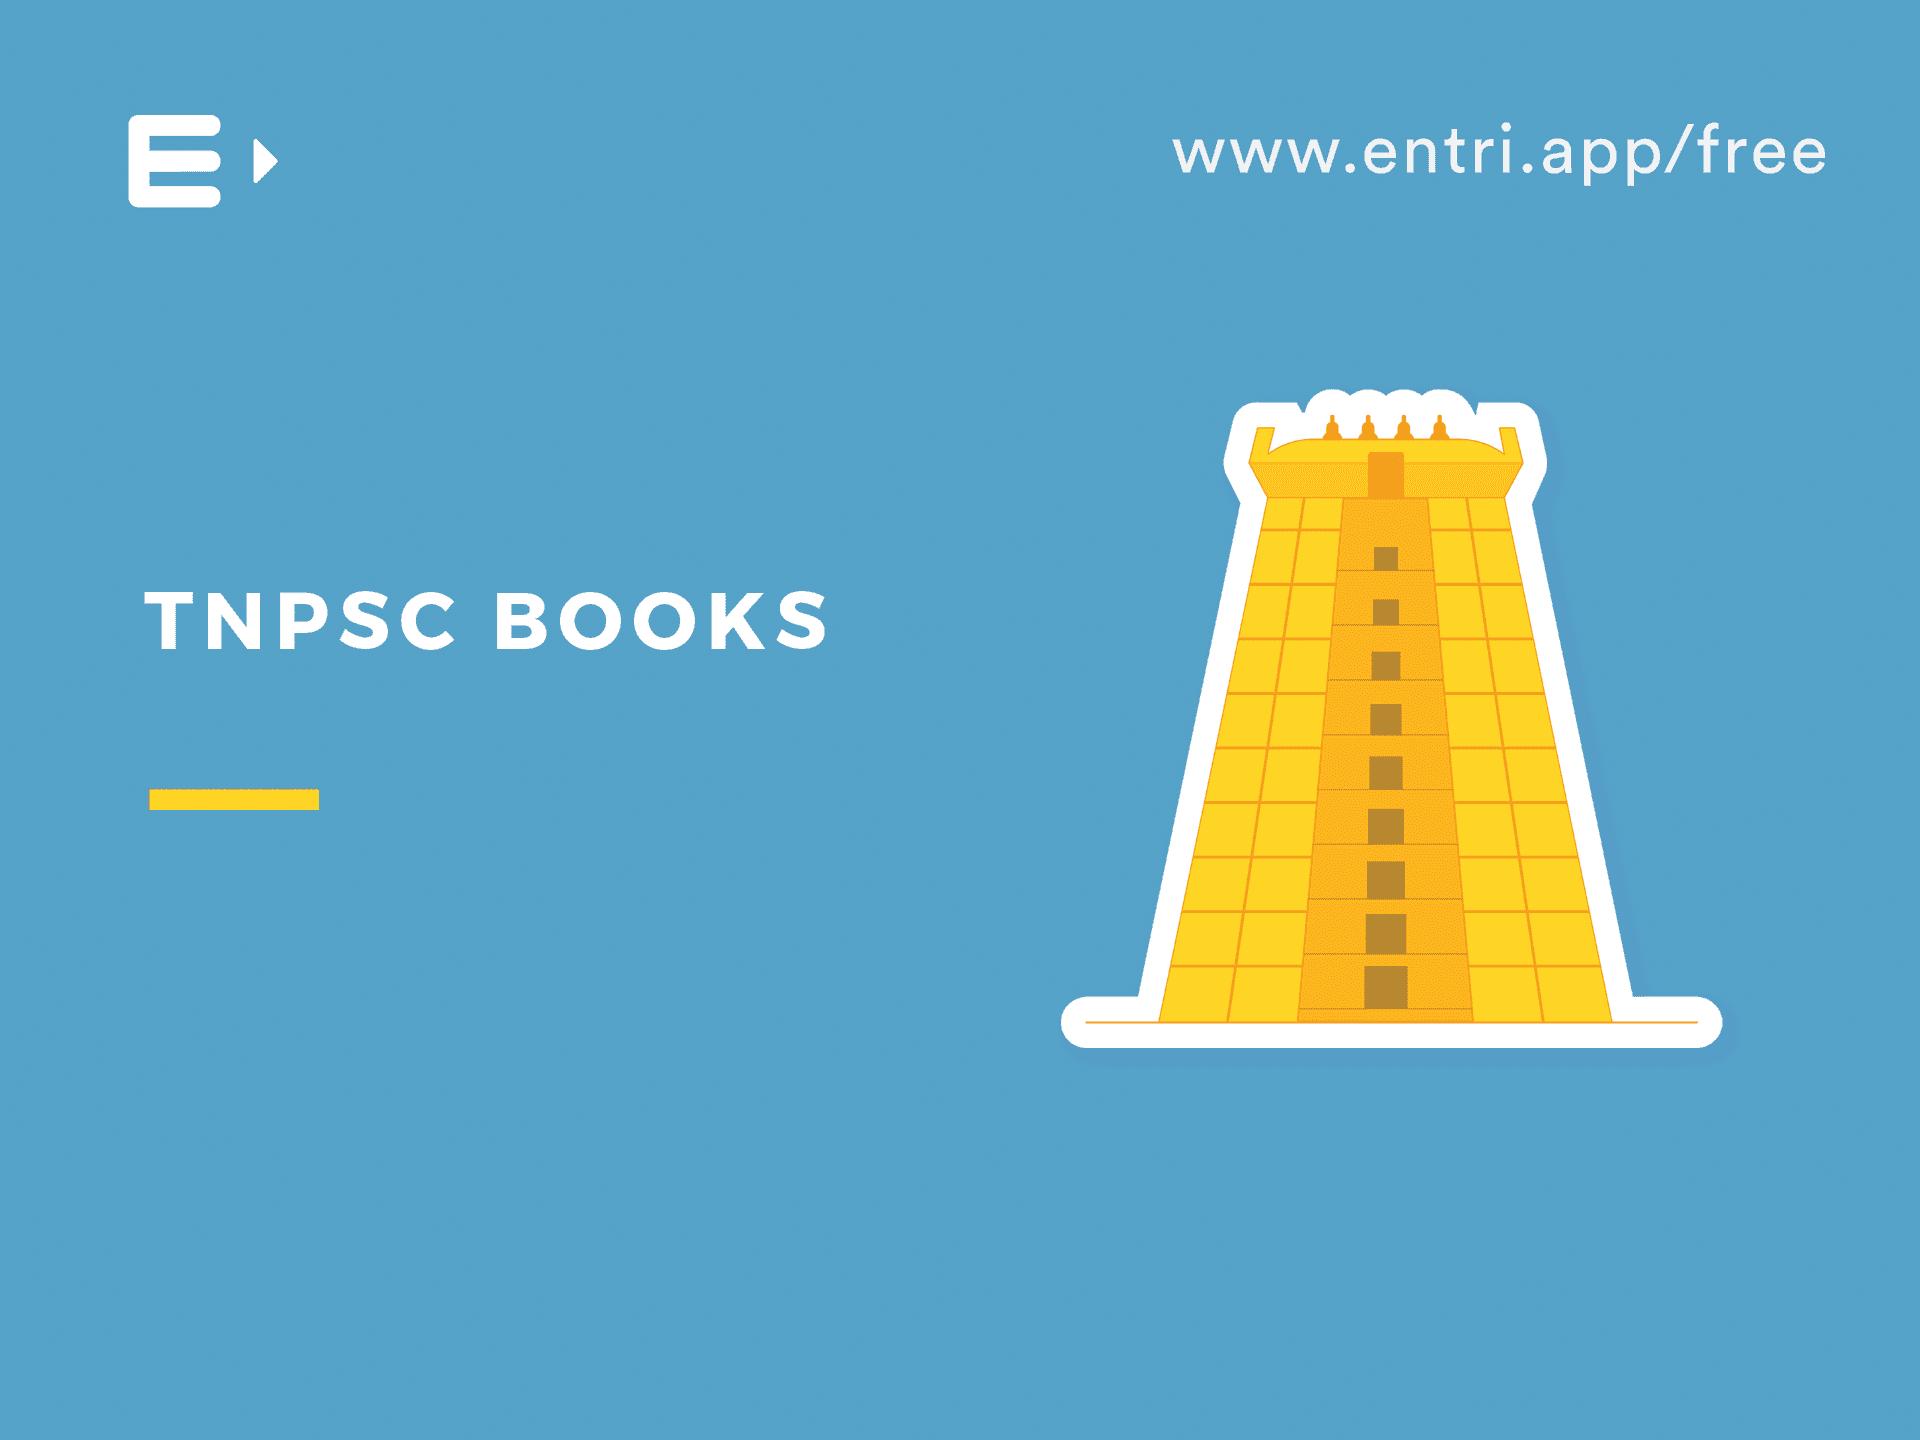 Best BOOKS for TNPSC Preparation 2019 - Entri Blog